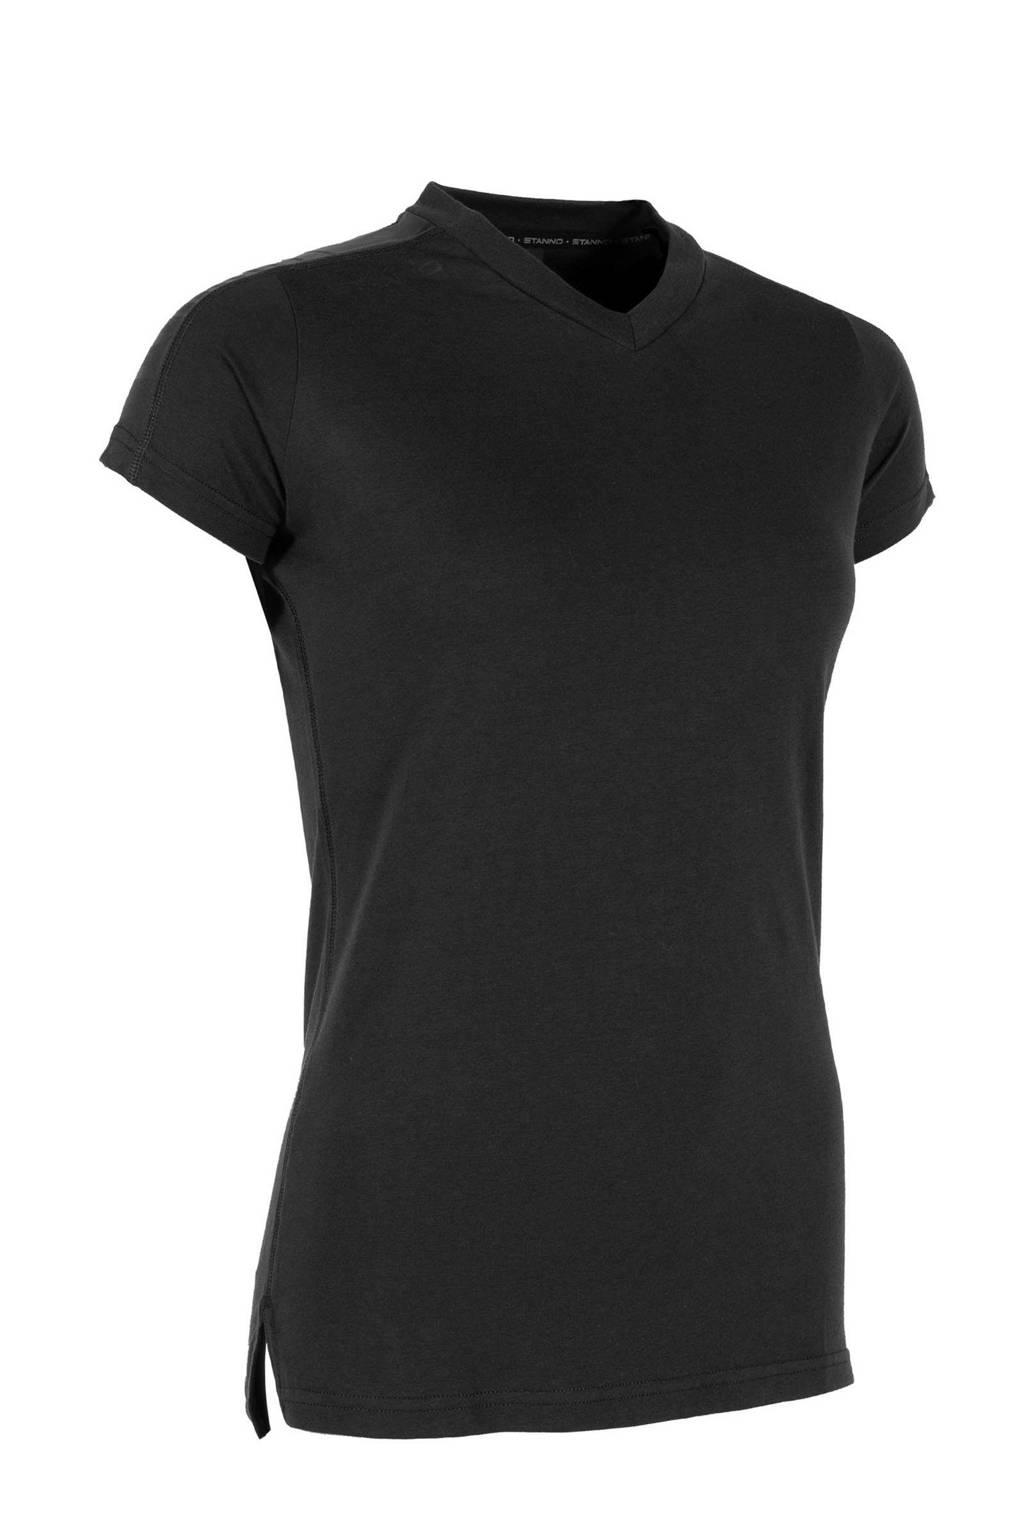 Stanno sport T-shirt zwart, Zwart